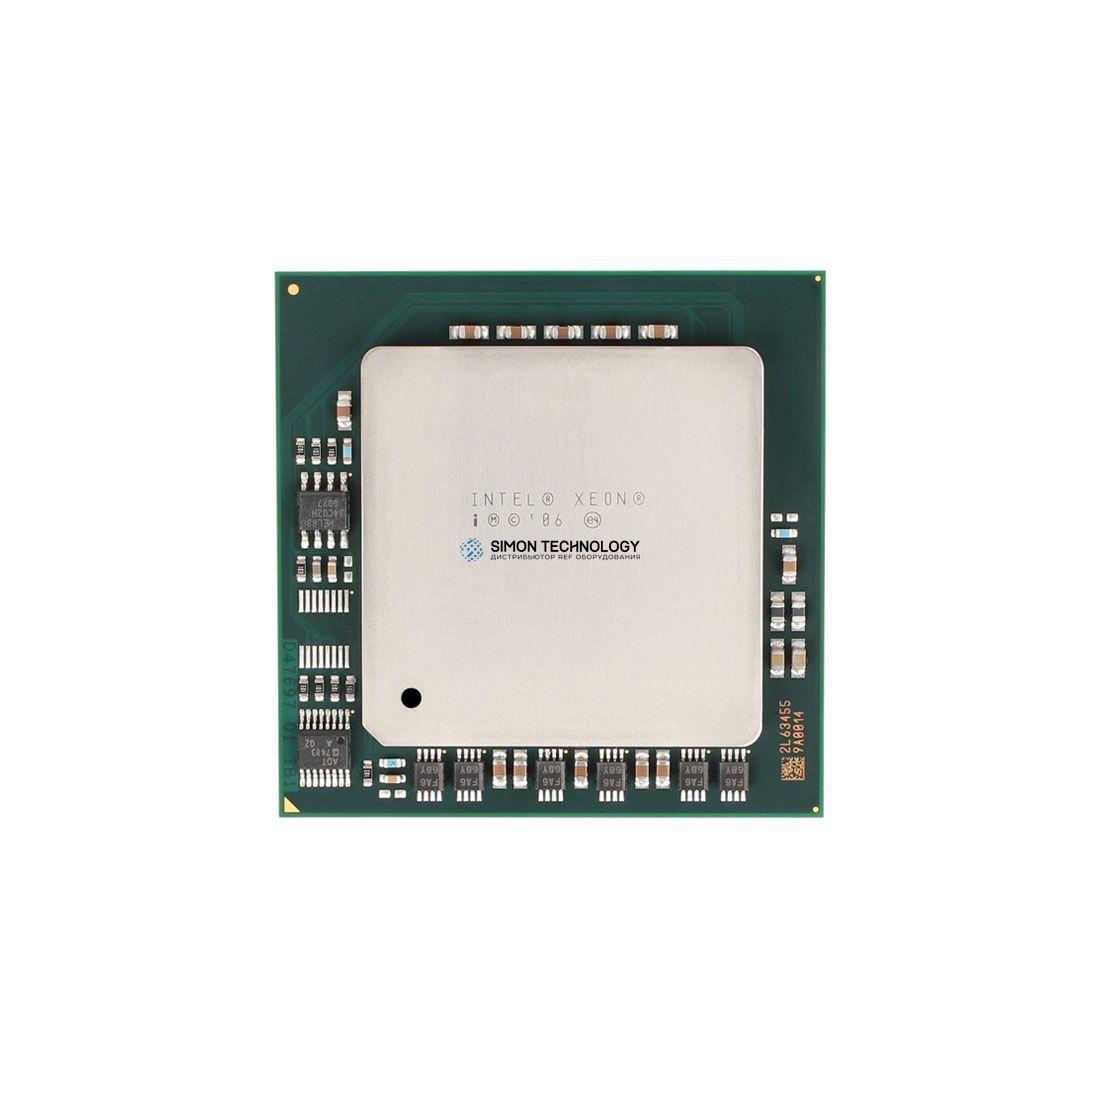 Процессор Intel Xeon 2C 3GHz 4MB Processor (7120N)